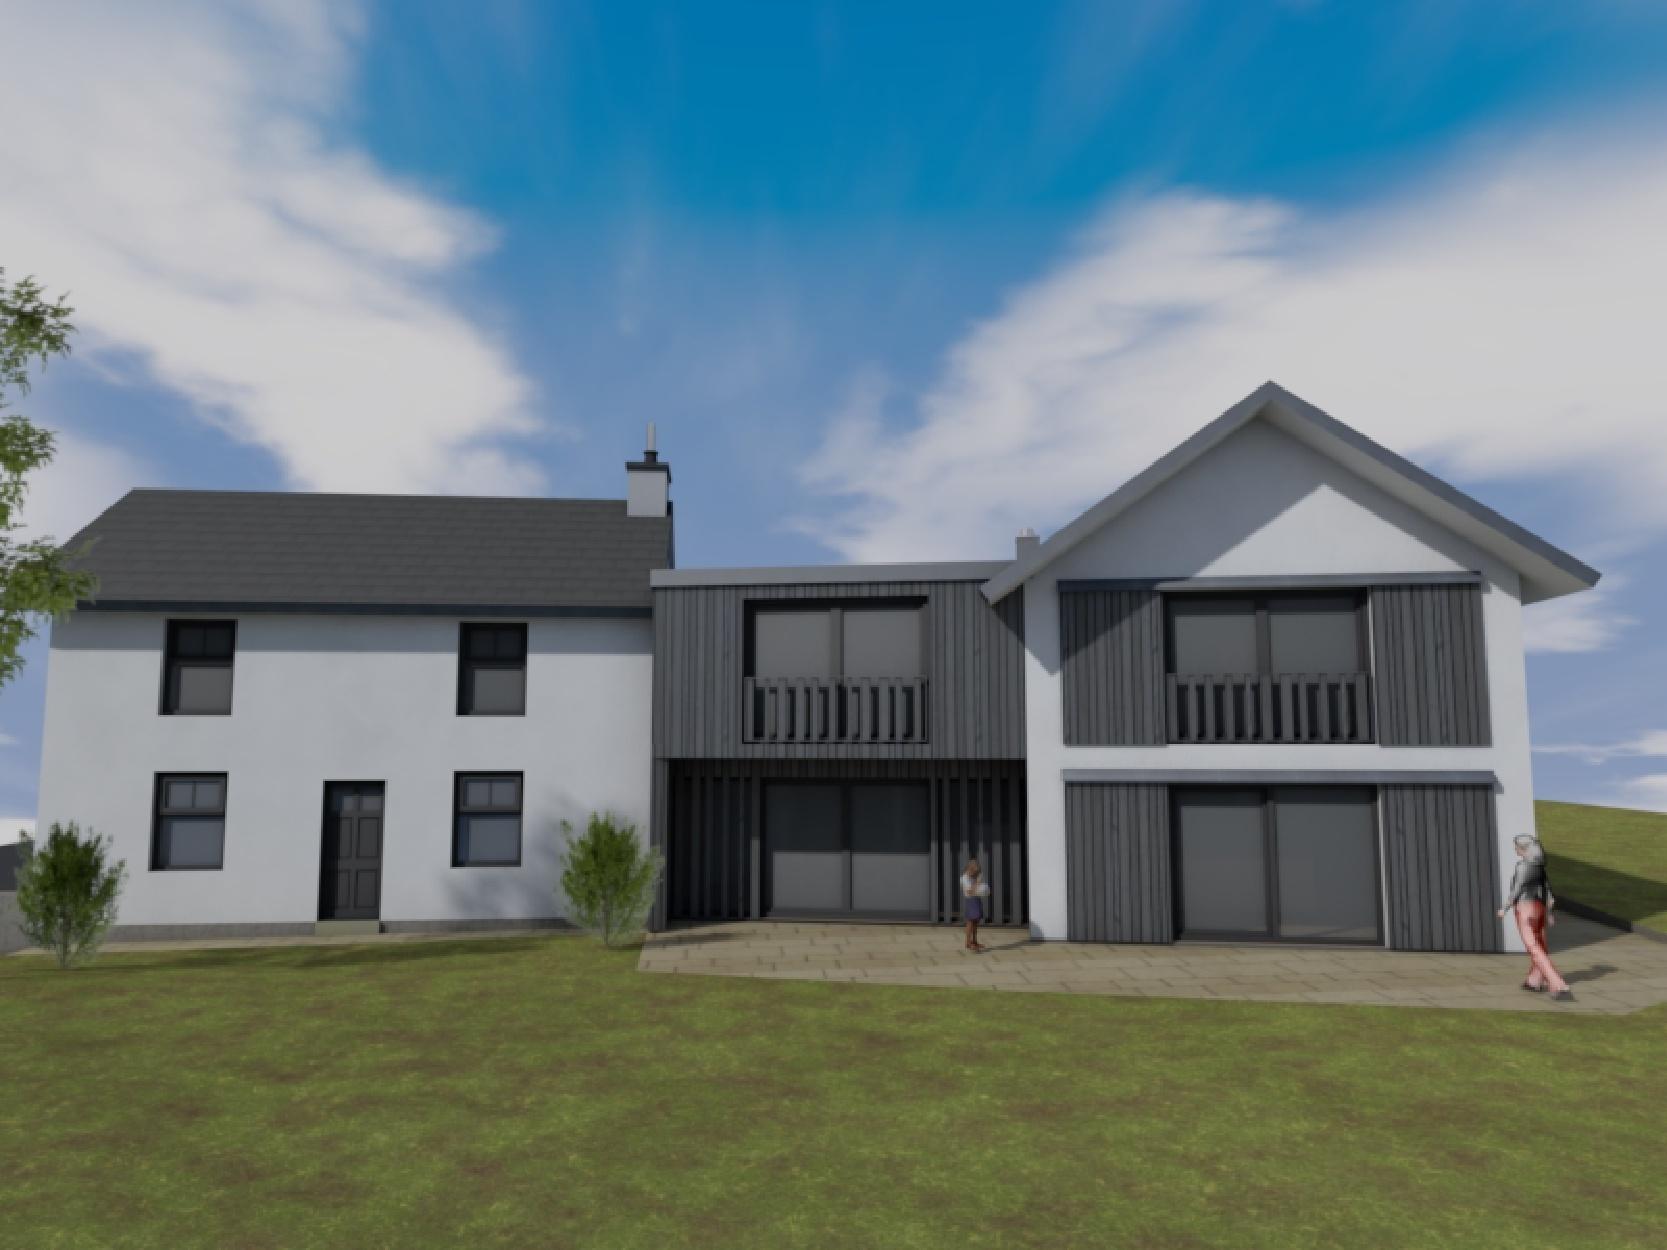 Visualisierung, Teilabbruch und Neubau Wohnhaus mit Garage in Rynys - Südansicht